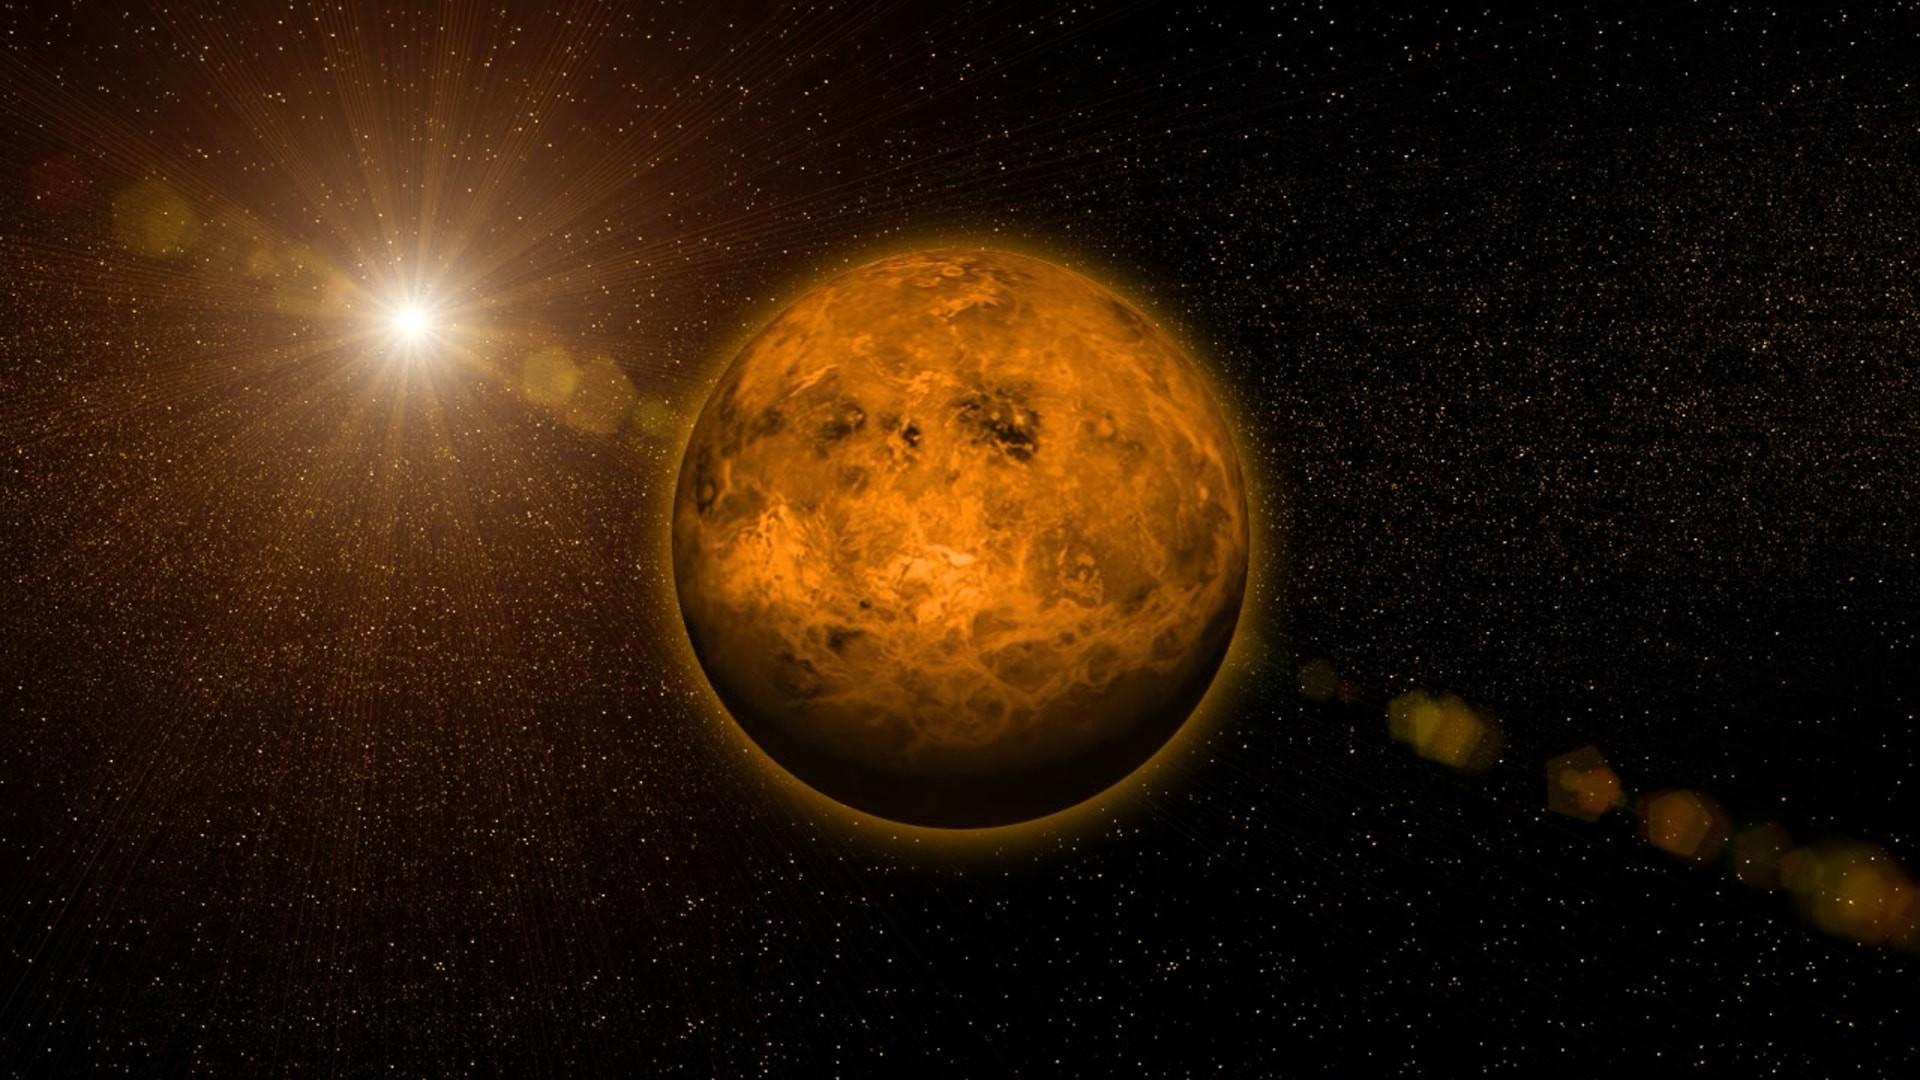 Американские ученые хотят наблюдать засейсмоактивностью Венеры при помощи аэростата